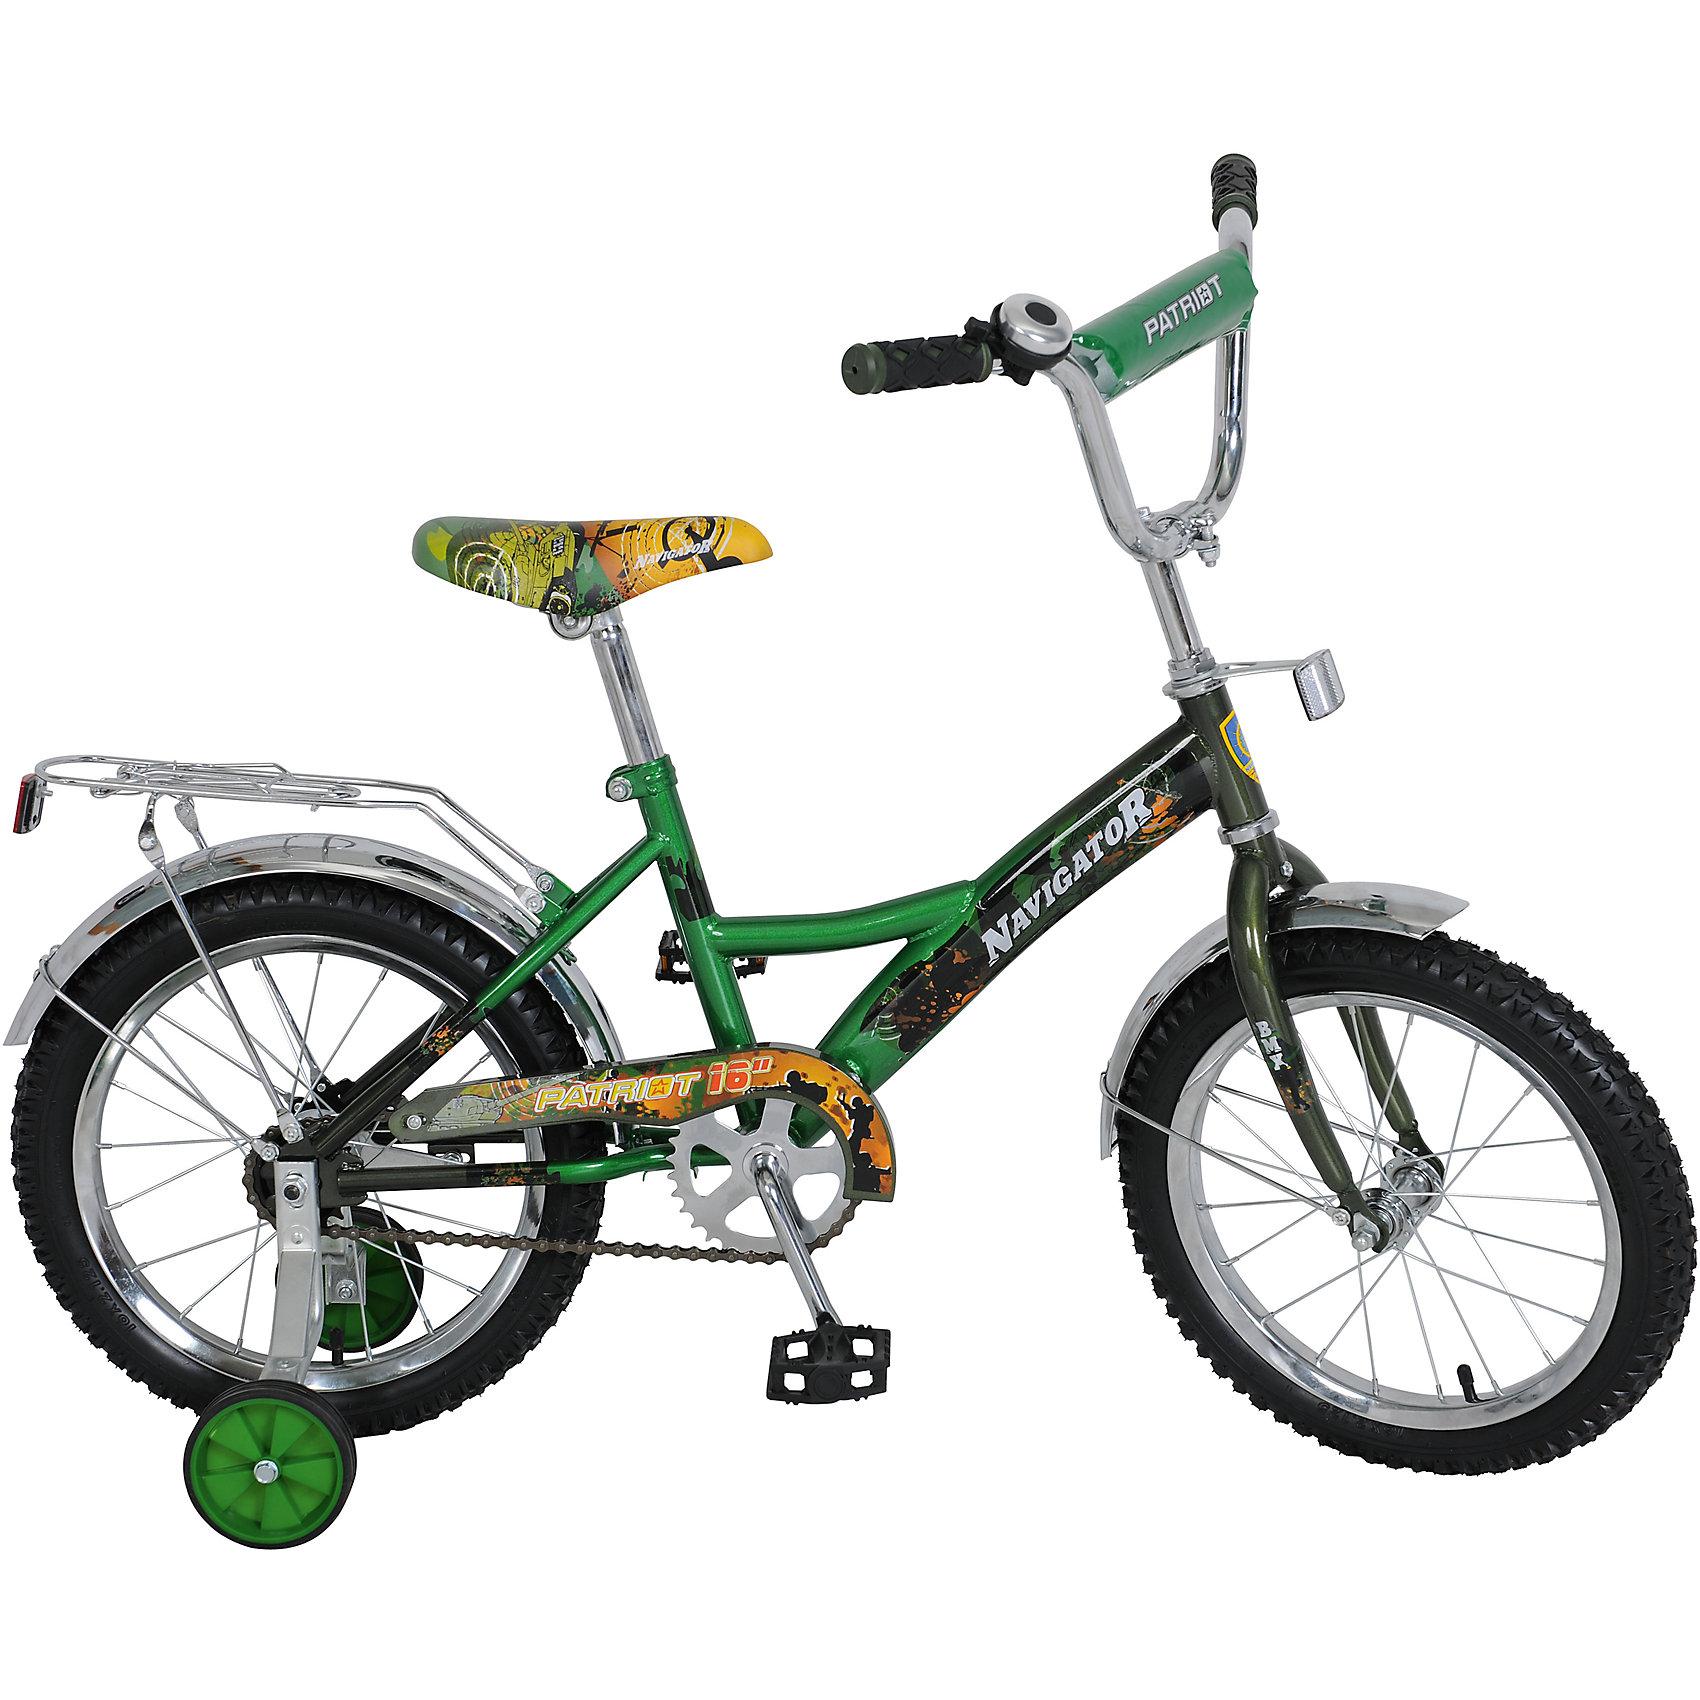 Велосипед Patriot, зеленый, NavigatorВелосипеды детские<br>Велосипед Patriot, зеленый, Navigator (Навигатор) – это яркий, стильный, надежный велосипед высокого качества.<br>Детский велосипед Patriot имеет эффектный, спортивный дизайн. Продуманная конструкция сводит к минимуму риск получить травму. Рама велосипеда выполнена из высокопрочного металла. Покрытие рамы устойчиво к царапинам. Высота руля и сиденья легко регулируется в соответствии с возрастом и ростом ребенка. Колеса оснащены резиновыми шинами, которые хорошо удерживают воздух. Велосипед имеет дополнительные съемные страховочные колеса, защиту цепи, стальные обода для защиты от брызг, удобное сиденье эргономичной формы, задний багажник. Впереди и под багажником прикреплены светоотражатели. На ручках руля нескользящие накладки. Катание на велосипеде поможет ребенку укрепить опорно-двигательную и сердечнососудистую системы.<br><br>Дополнительная информация:<br><br>- Возрастная категория: от 4 до 6 лет<br>- Подходит для детей ростом 100-125 см.<br>- Диаметр колёс: 16 дюймов<br>- Односоставной шатун<br>- Ножной тормоз<br>- Рама: KITE-тип<br>- Материал рамы: сталь<br>- Цвет: зеленый<br>- Вес в упаковке: 10,85 кг.<br><br>Велосипед Patriot, зеленый, Navigator (Навигатор) можно купить в нашем интернет-магазине.<br><br>Ширина мм: 890<br>Глубина мм: 170<br>Высота мм: 420<br>Вес г: 10850<br>Возраст от месяцев: 60<br>Возраст до месяцев: 120<br>Пол: Мужской<br>Возраст: Детский<br>SKU: 4655149